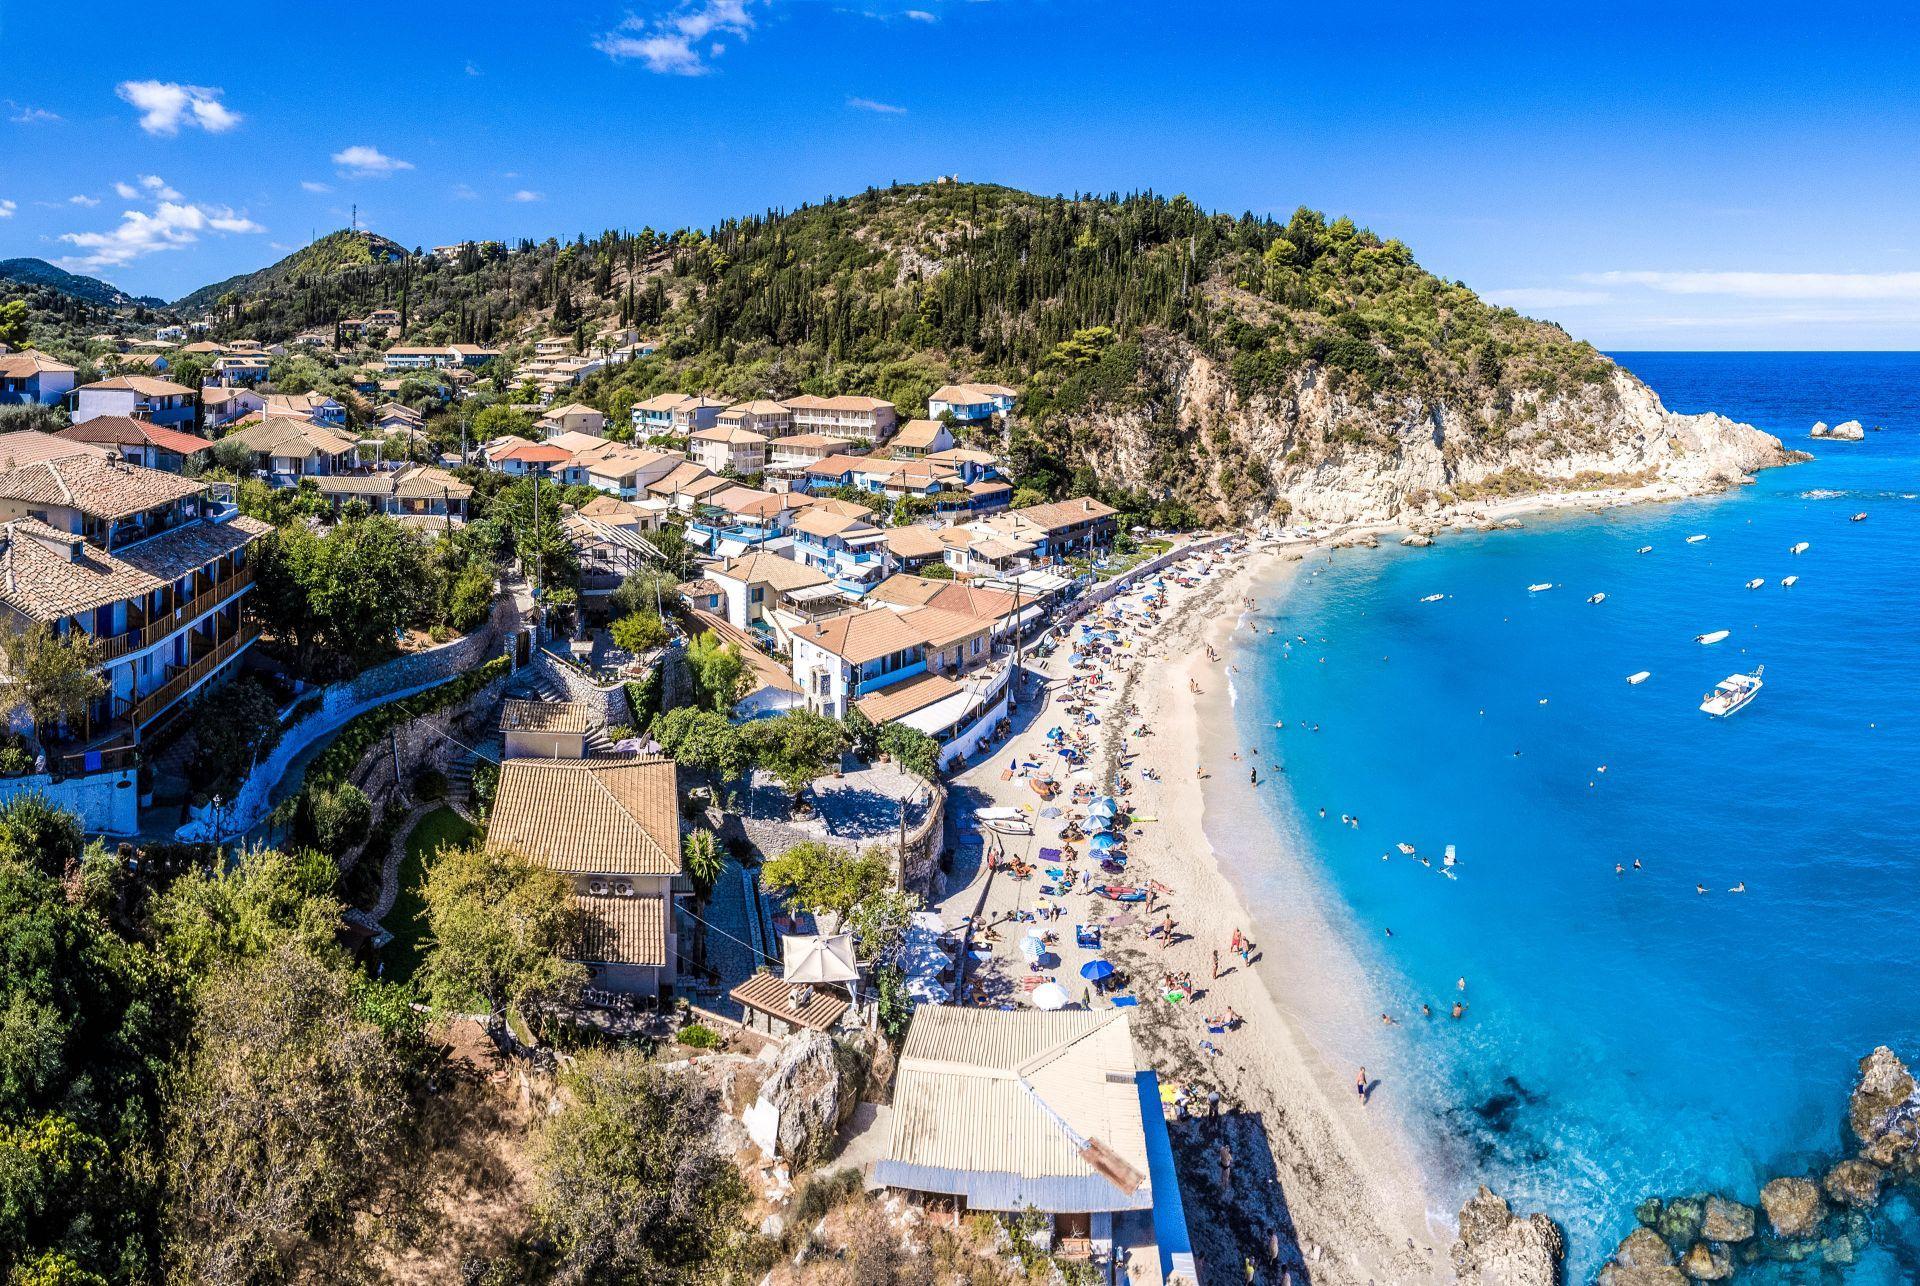 Lefkada island: Agios Nikitas